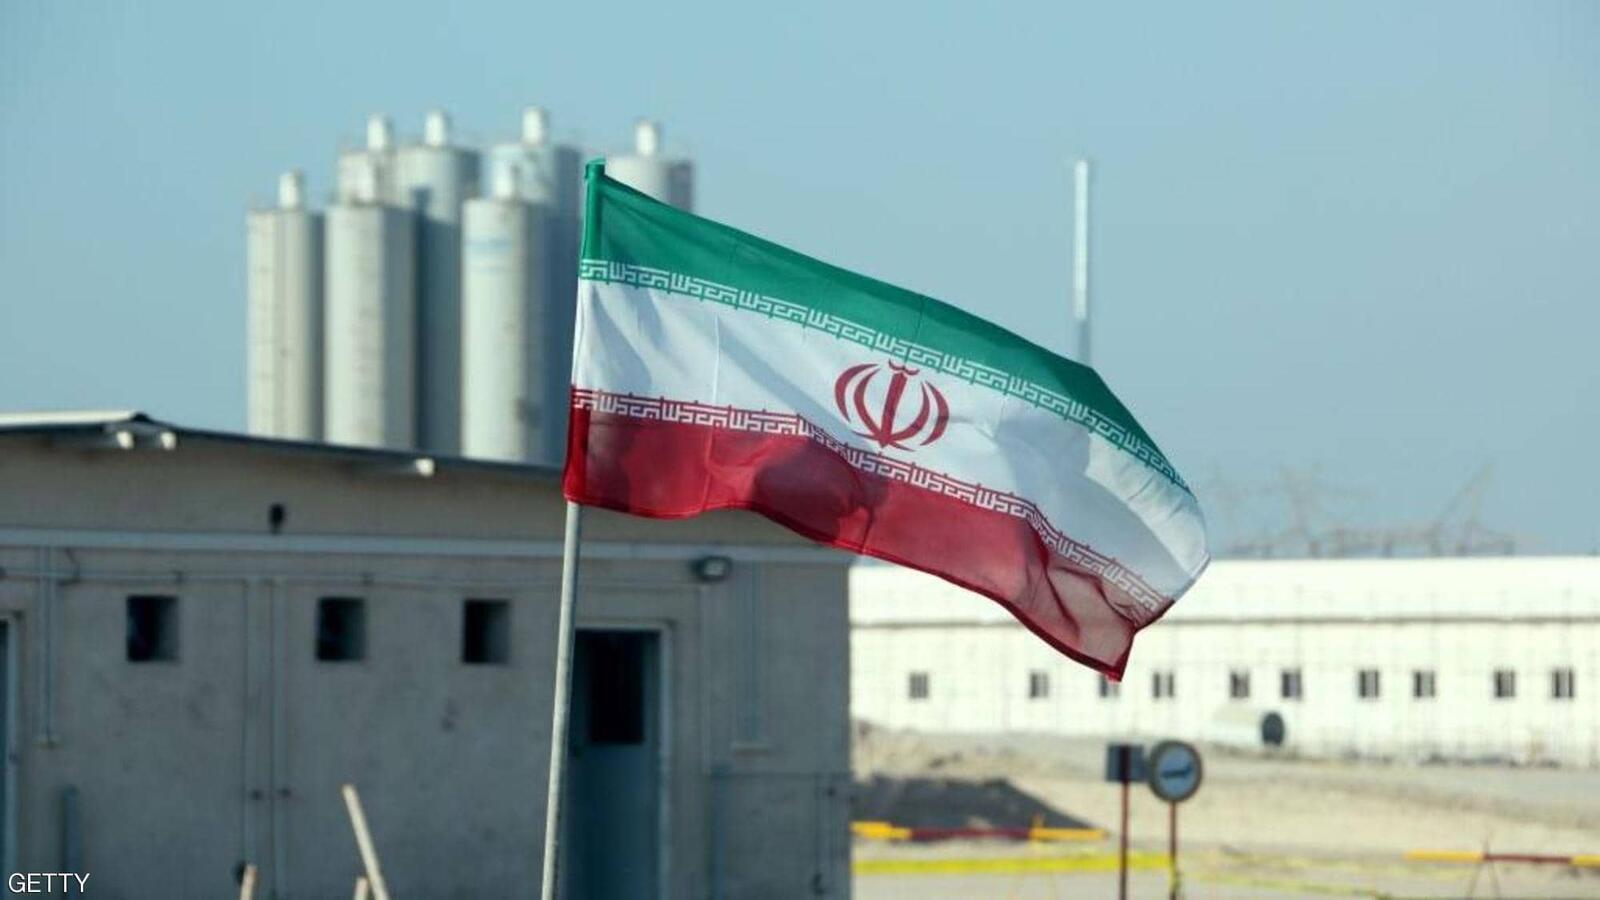 زلزال بقوة نحو 6 درجات يضرب إيران بالقرب من محطة بوشهر النووية